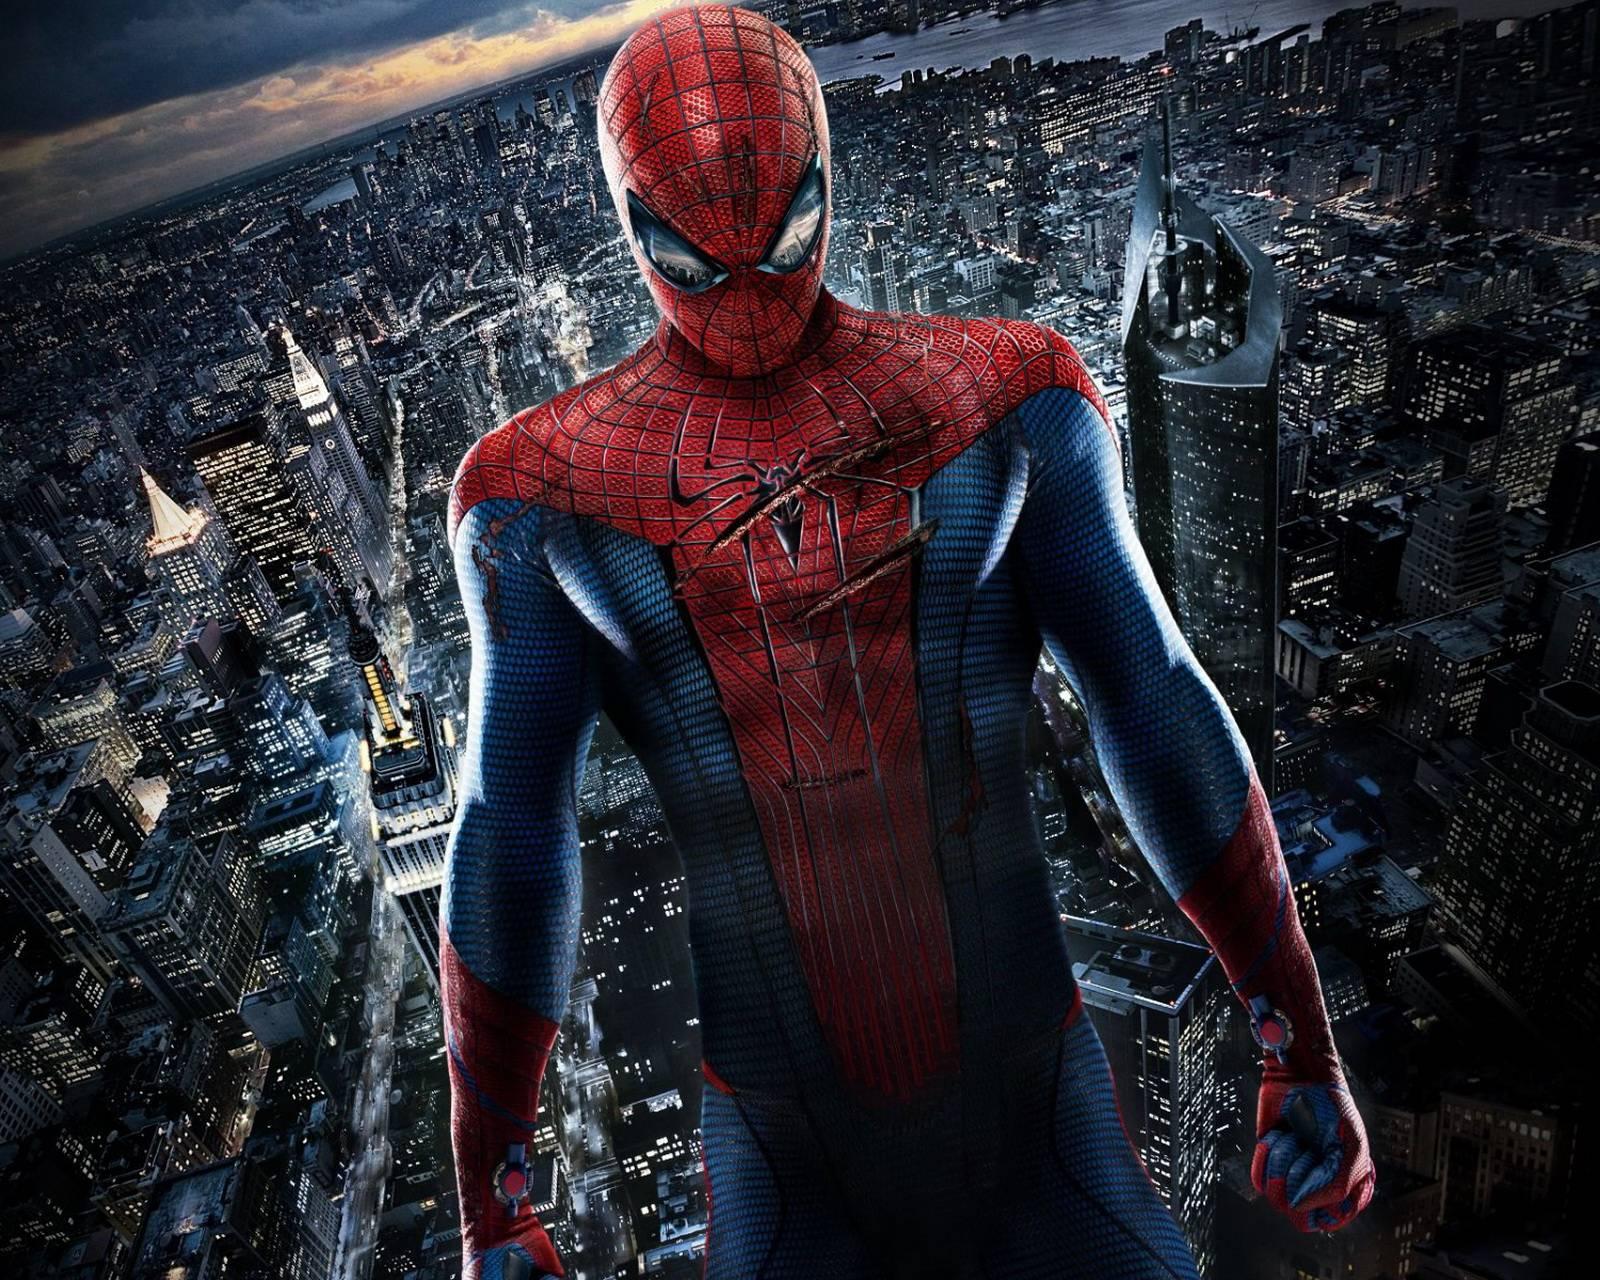 Spiderman Hd